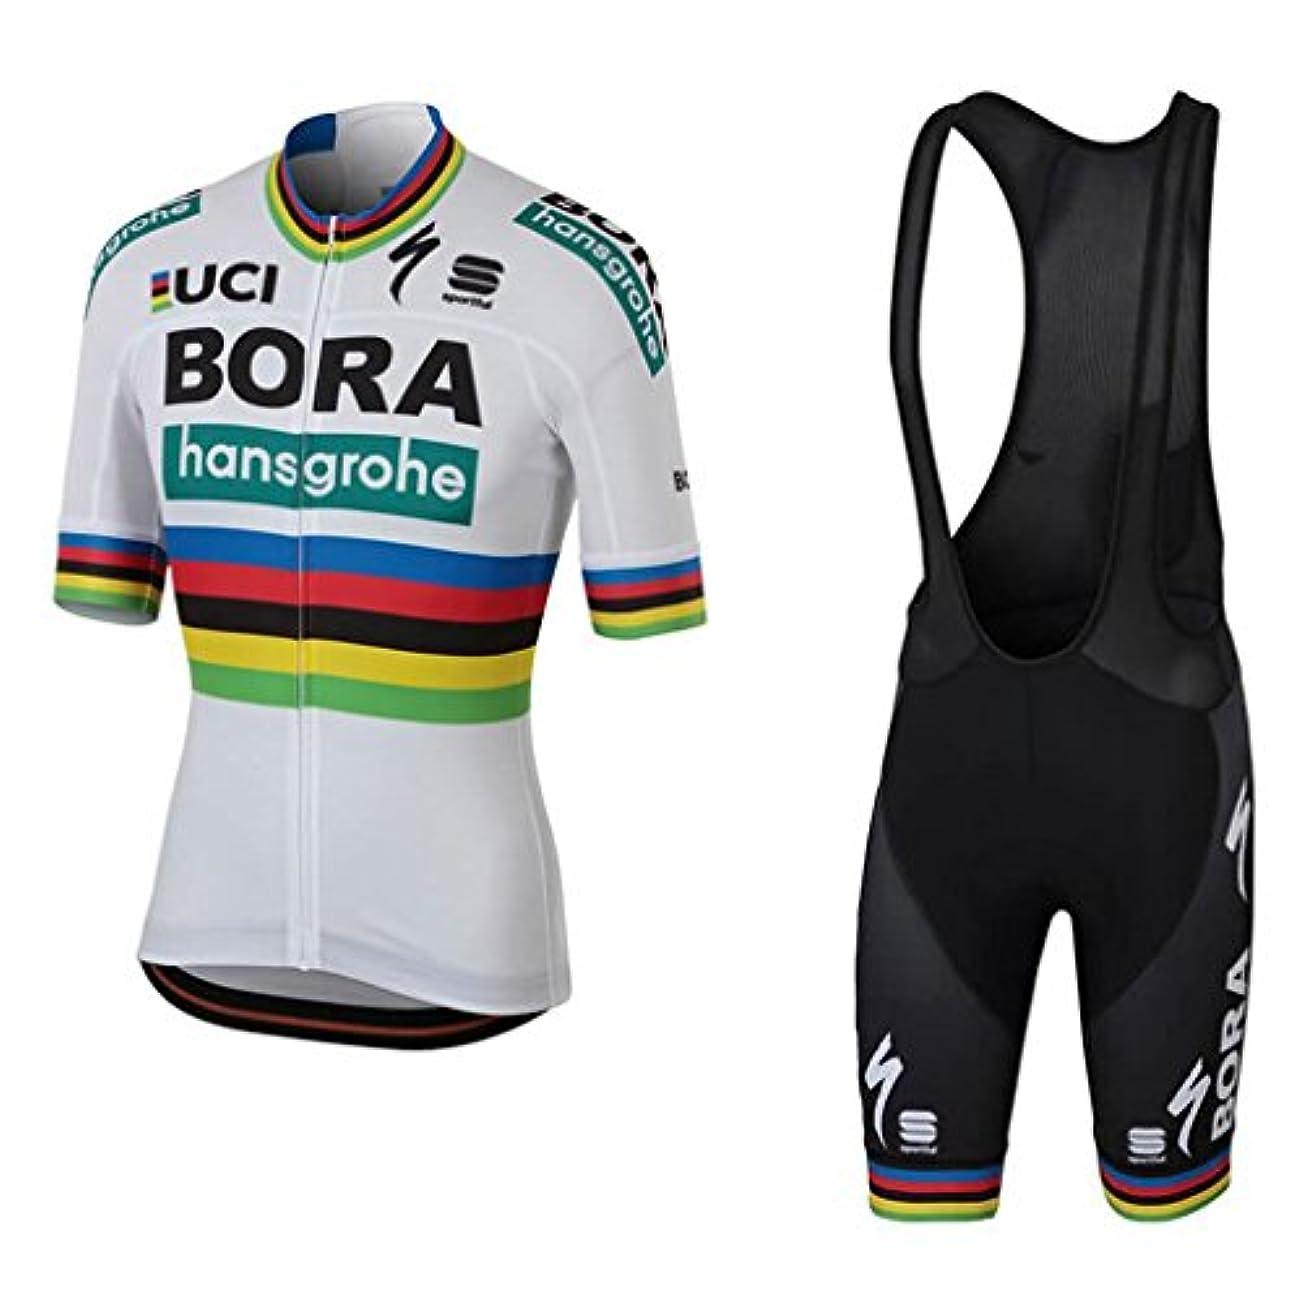 哺乳類耐えられない関連付けるサイクリングウェア メンズ サイクル ジャージ 半袖 上下 ビブ セット サイクリングパンツ パット付き 自転車ウェア 吸汗/伸縮/速乾/通気